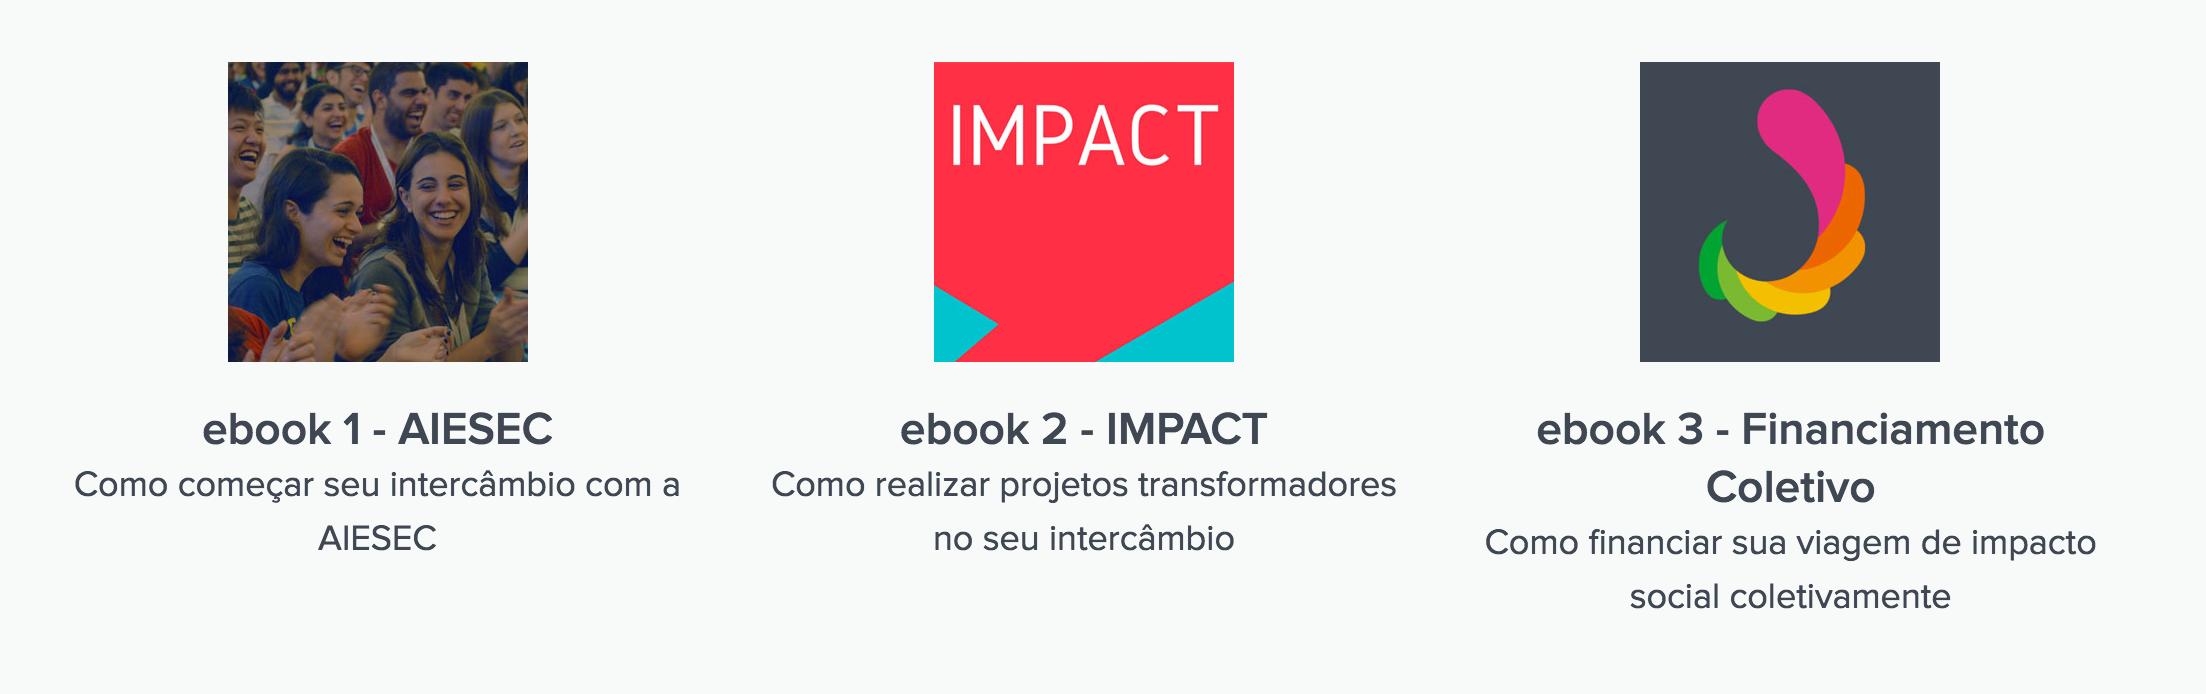 ebooks Viagem Social